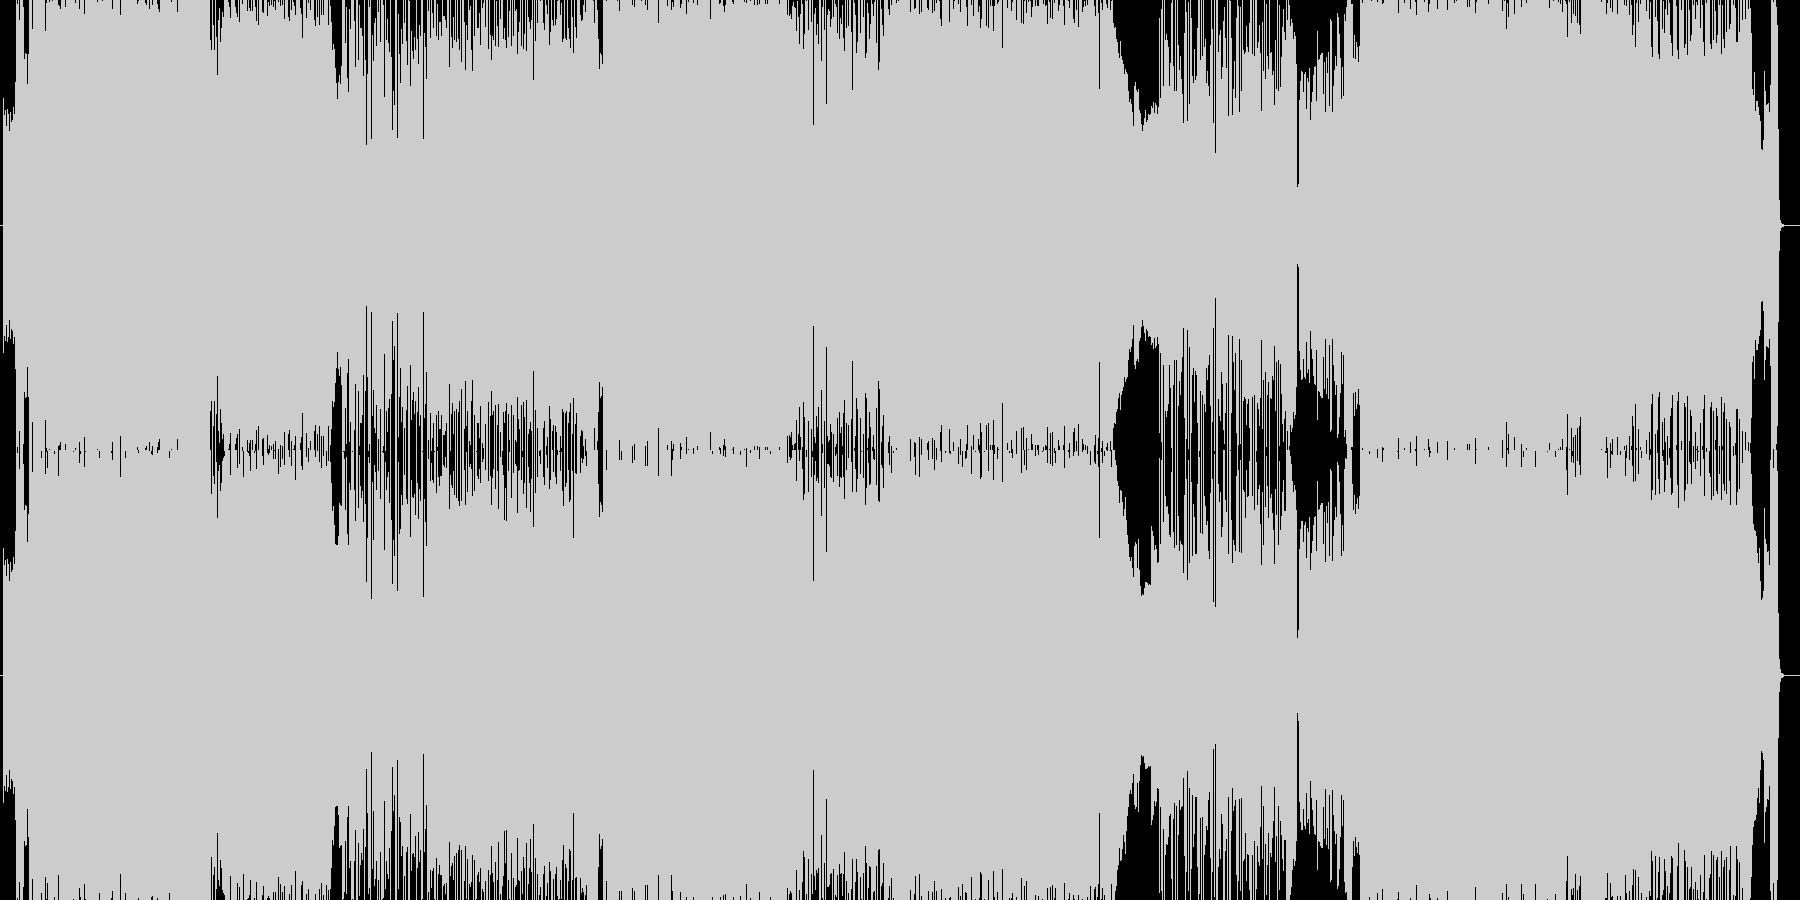 クレイマンズ・ロアの未再生の波形